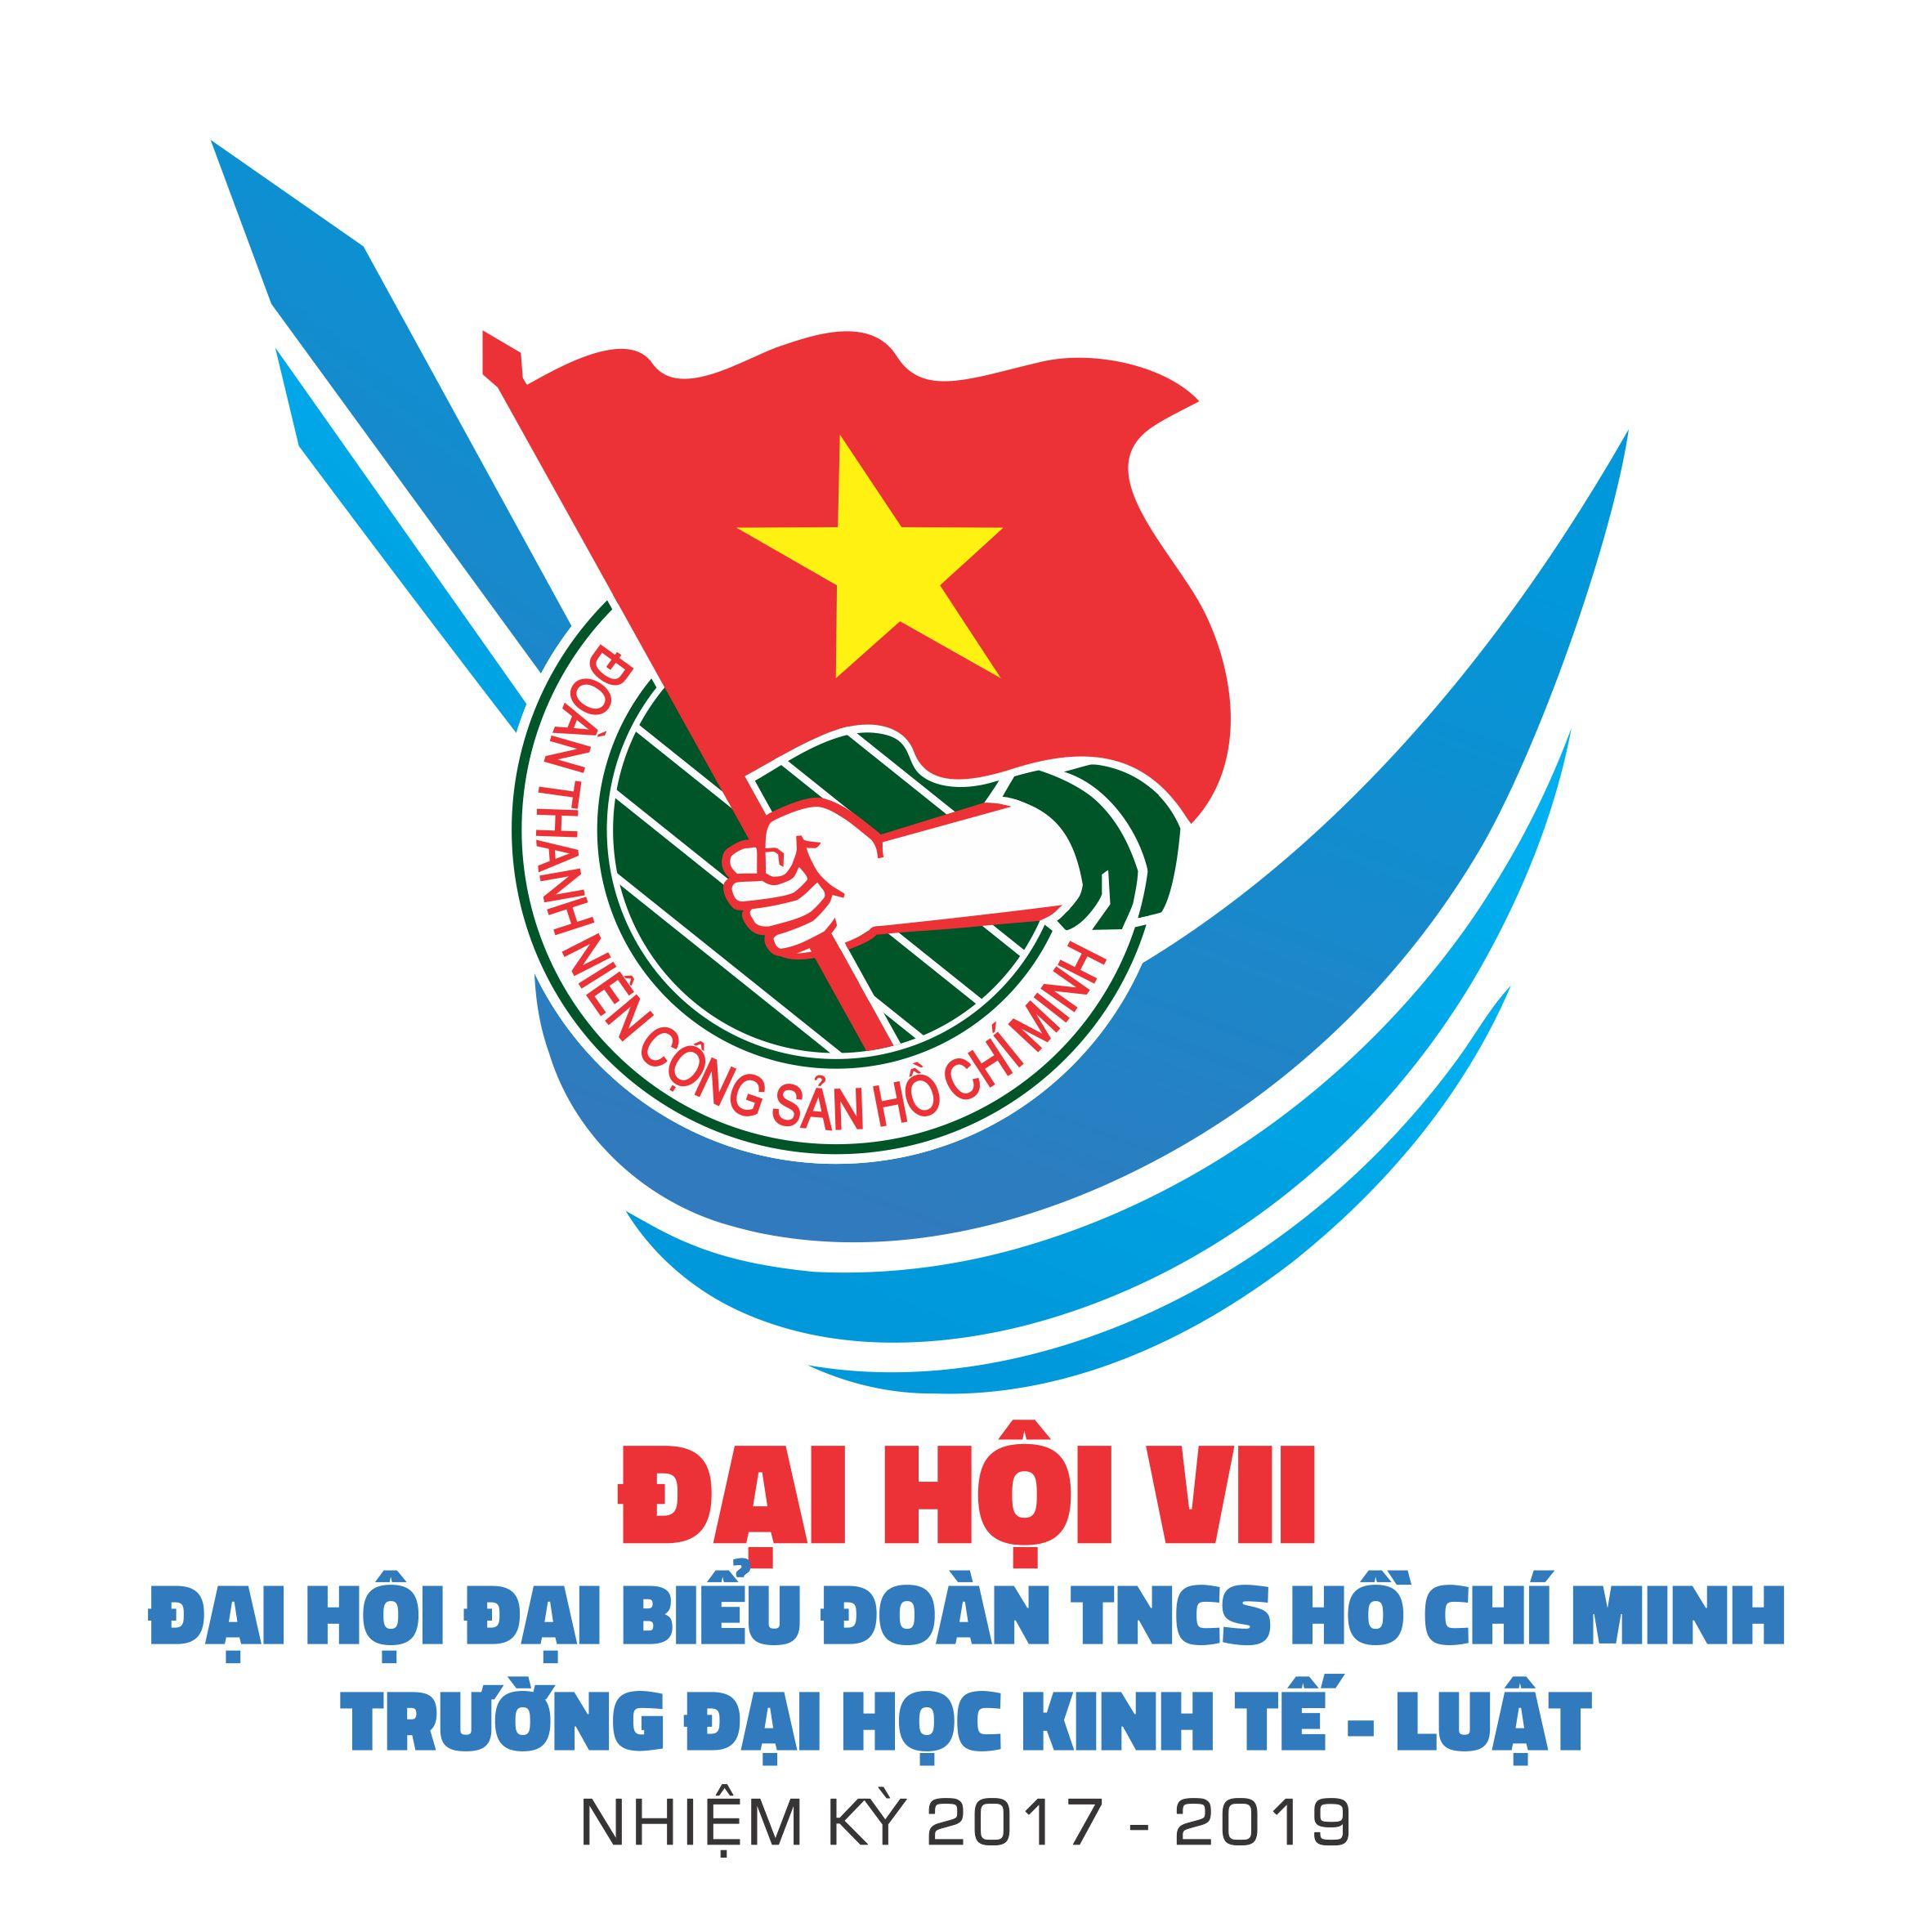 Hình ảnh logo của Đoàn TN